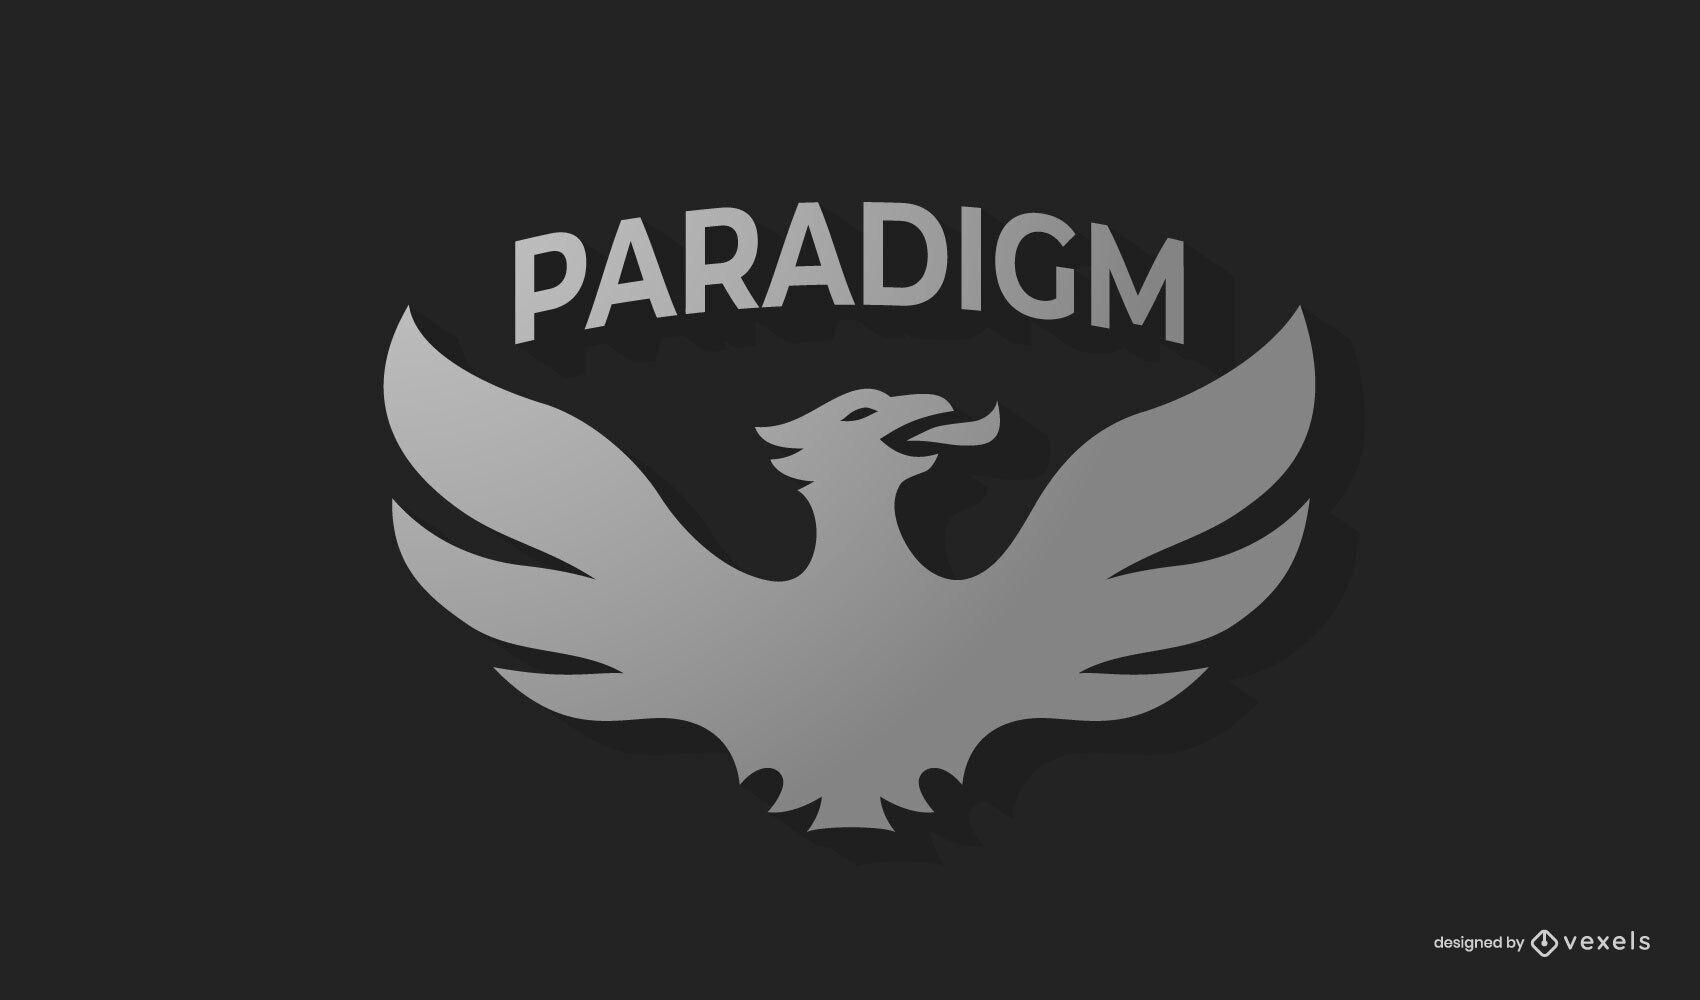 Paradigm logo template